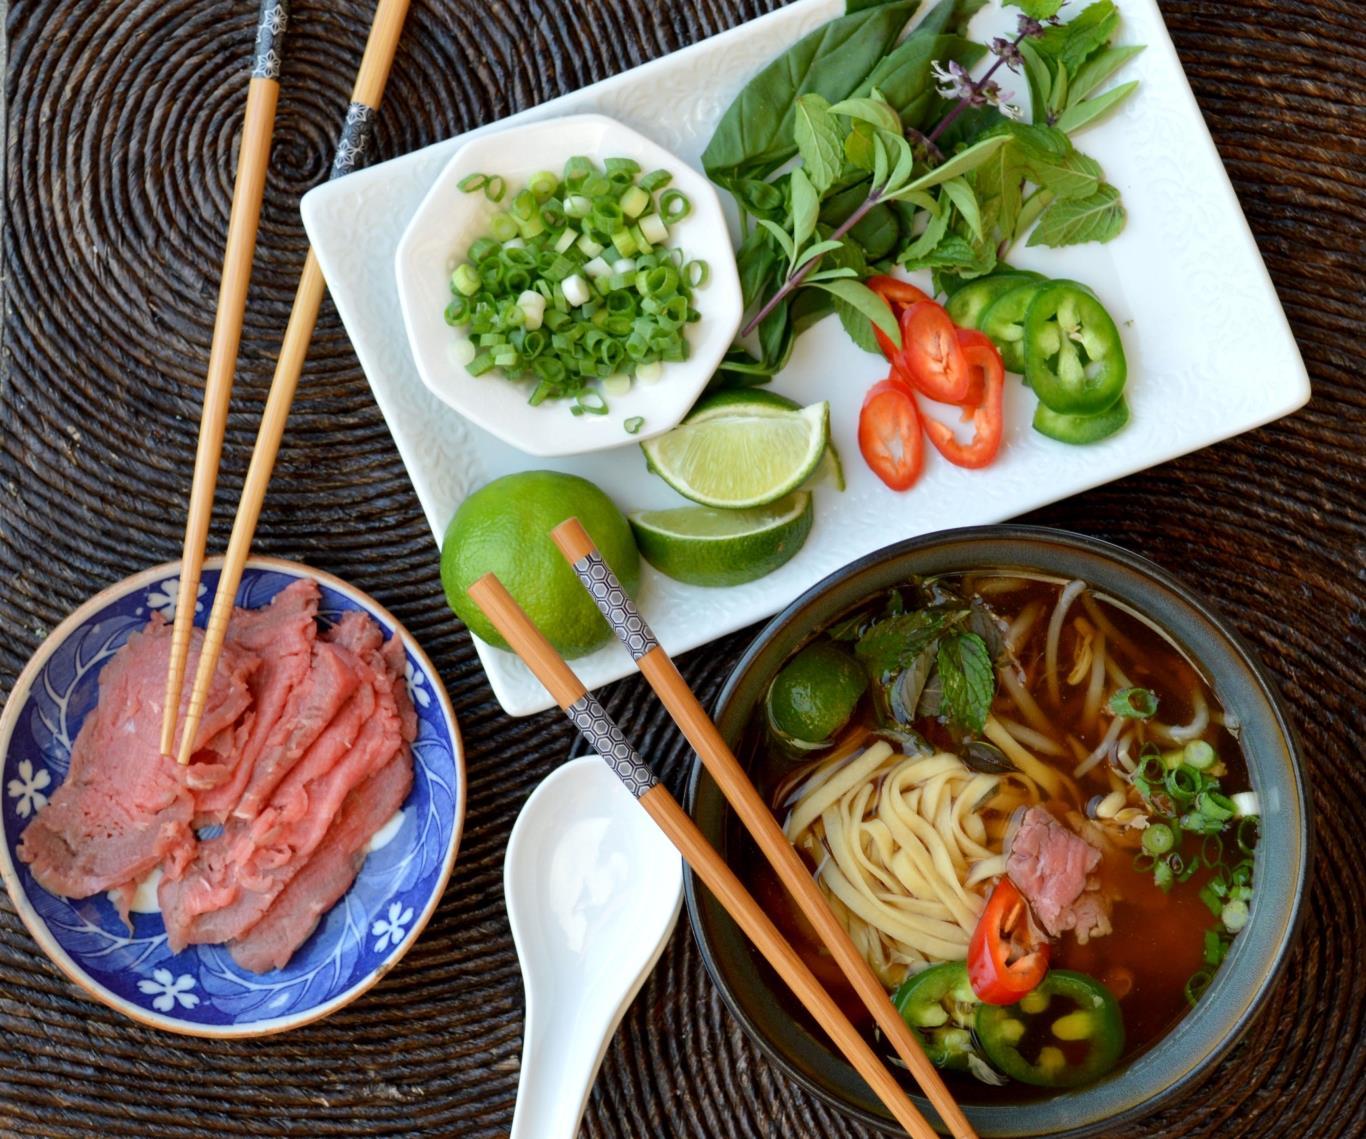 Bánh phở được chan nước dùng ninh từ xương, thêm rau thơm và thịt bò thái mỏng. Đây là món ăn nổi tiếng của Việt Nam và được đem tới nhiều quốc gia khác.